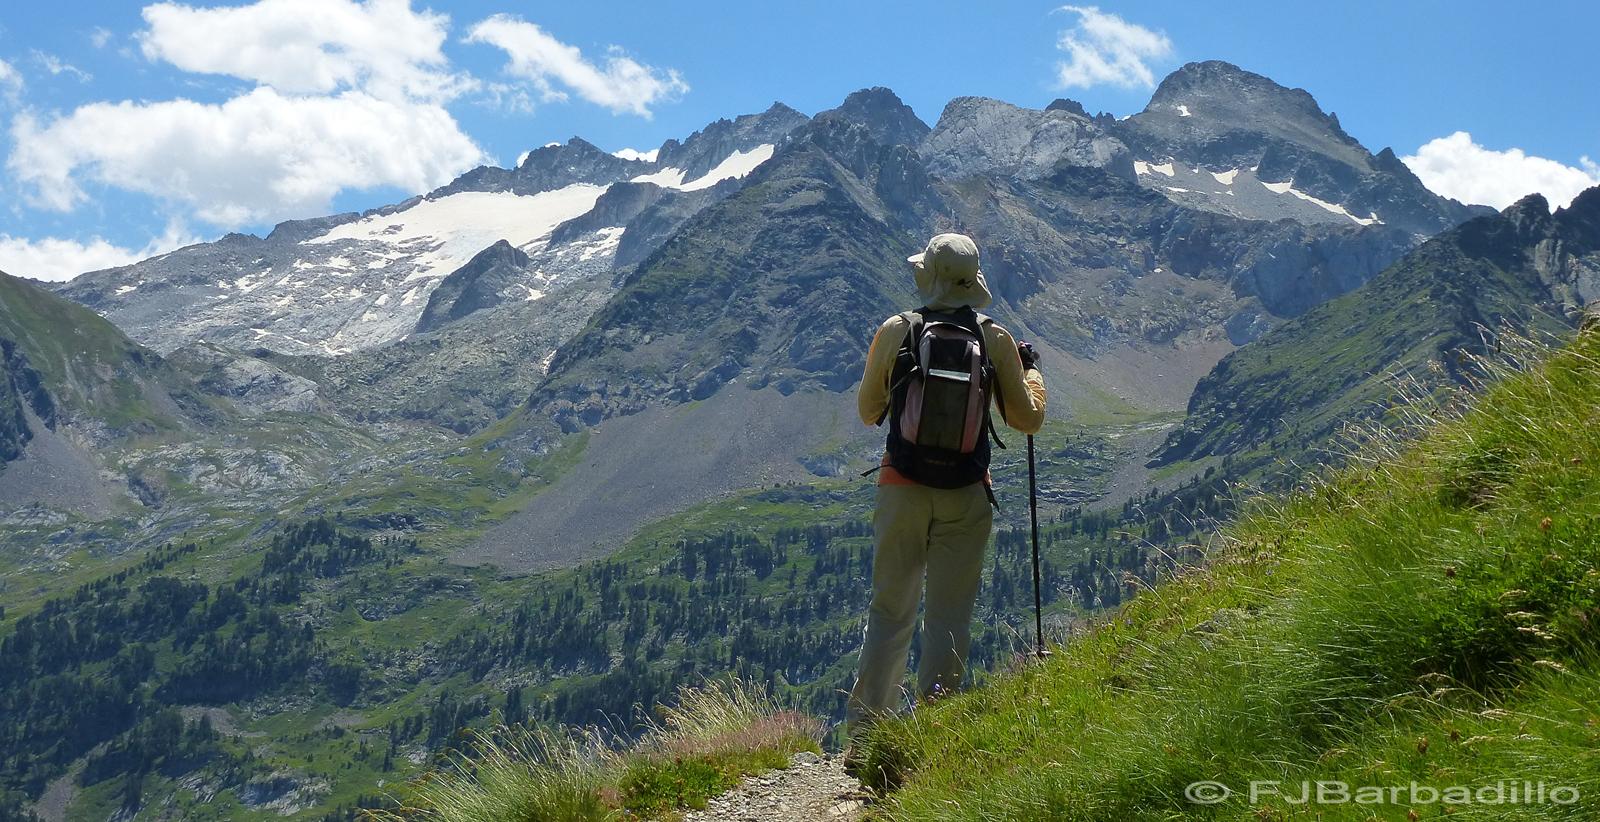 El ltimo rinc n miradores de espacios naturales for Mirador del pirineo